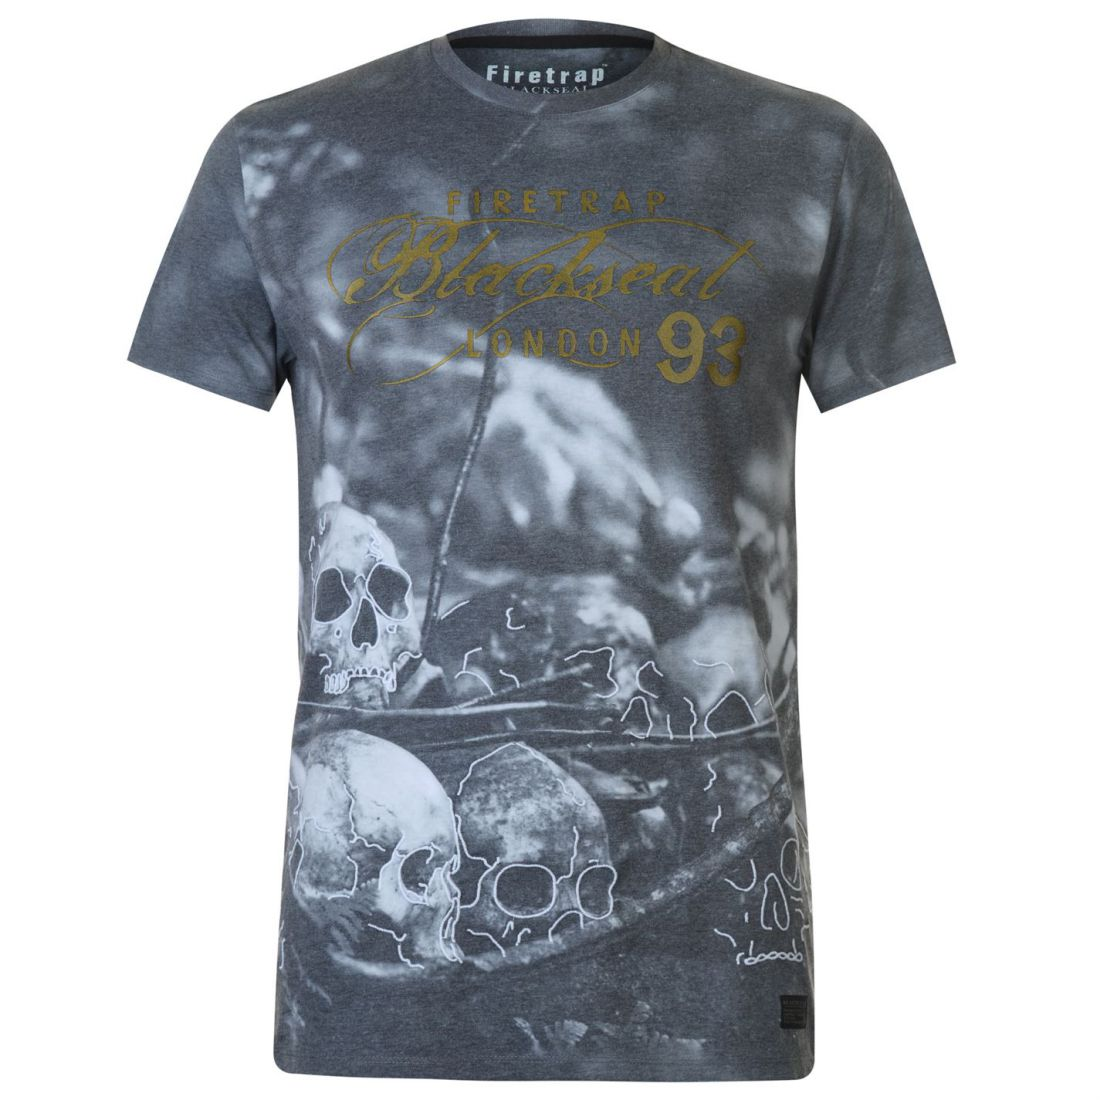 Firetrap Blackseal XL Death Moth T Shirt Mens Gents Crew Neck Tee Top Short